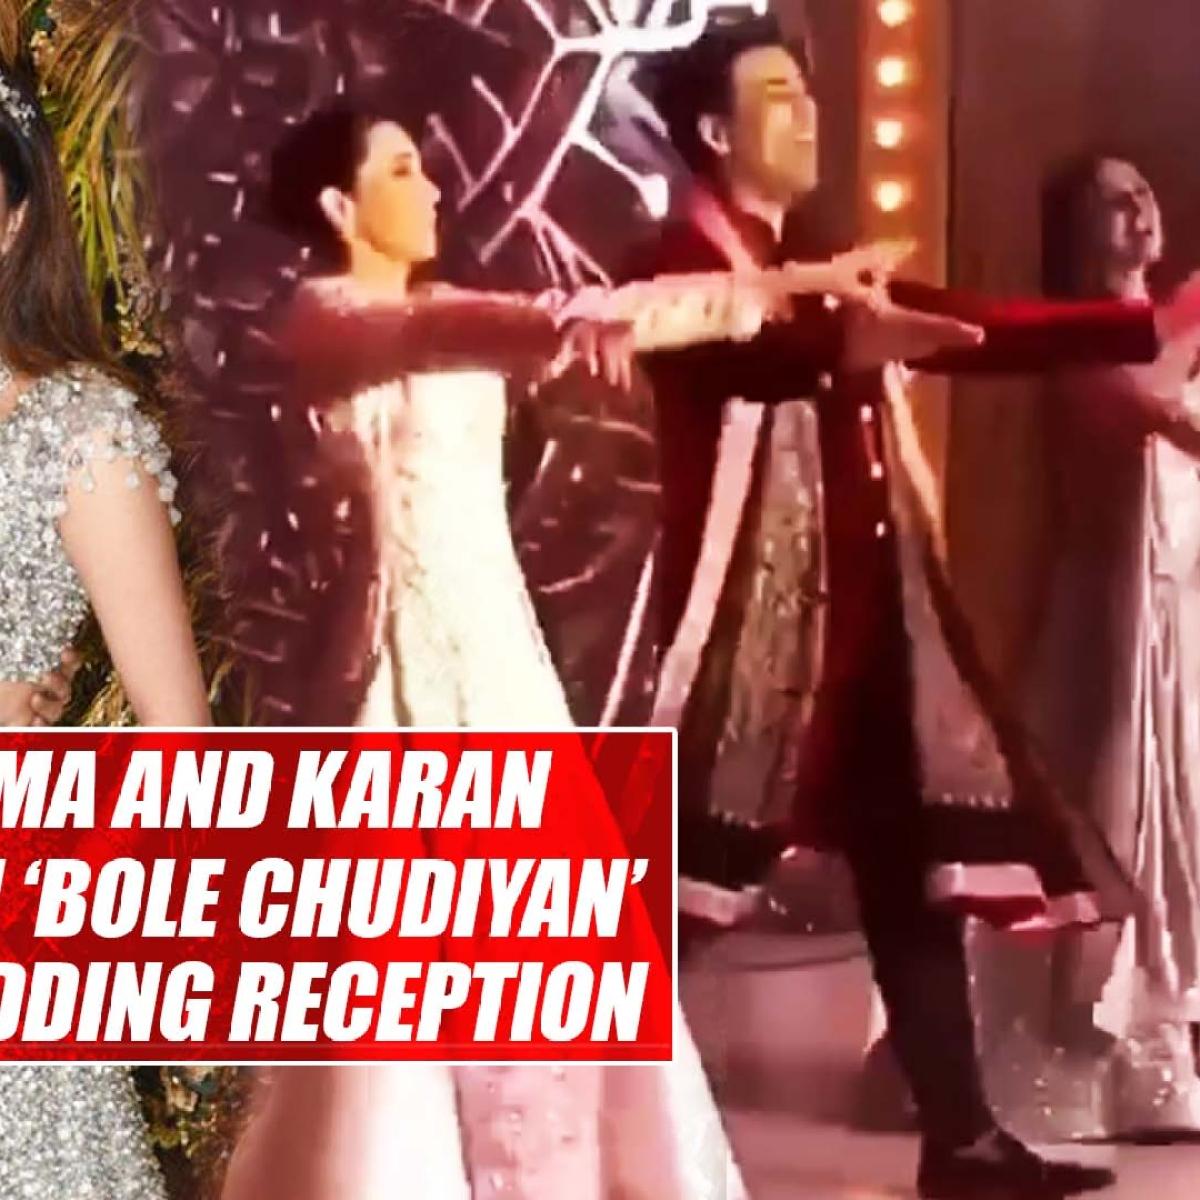 Kareena, Karisma and Karan Johar perform on 'Bole Chudiyan' at Armaan Jain's wedding reception